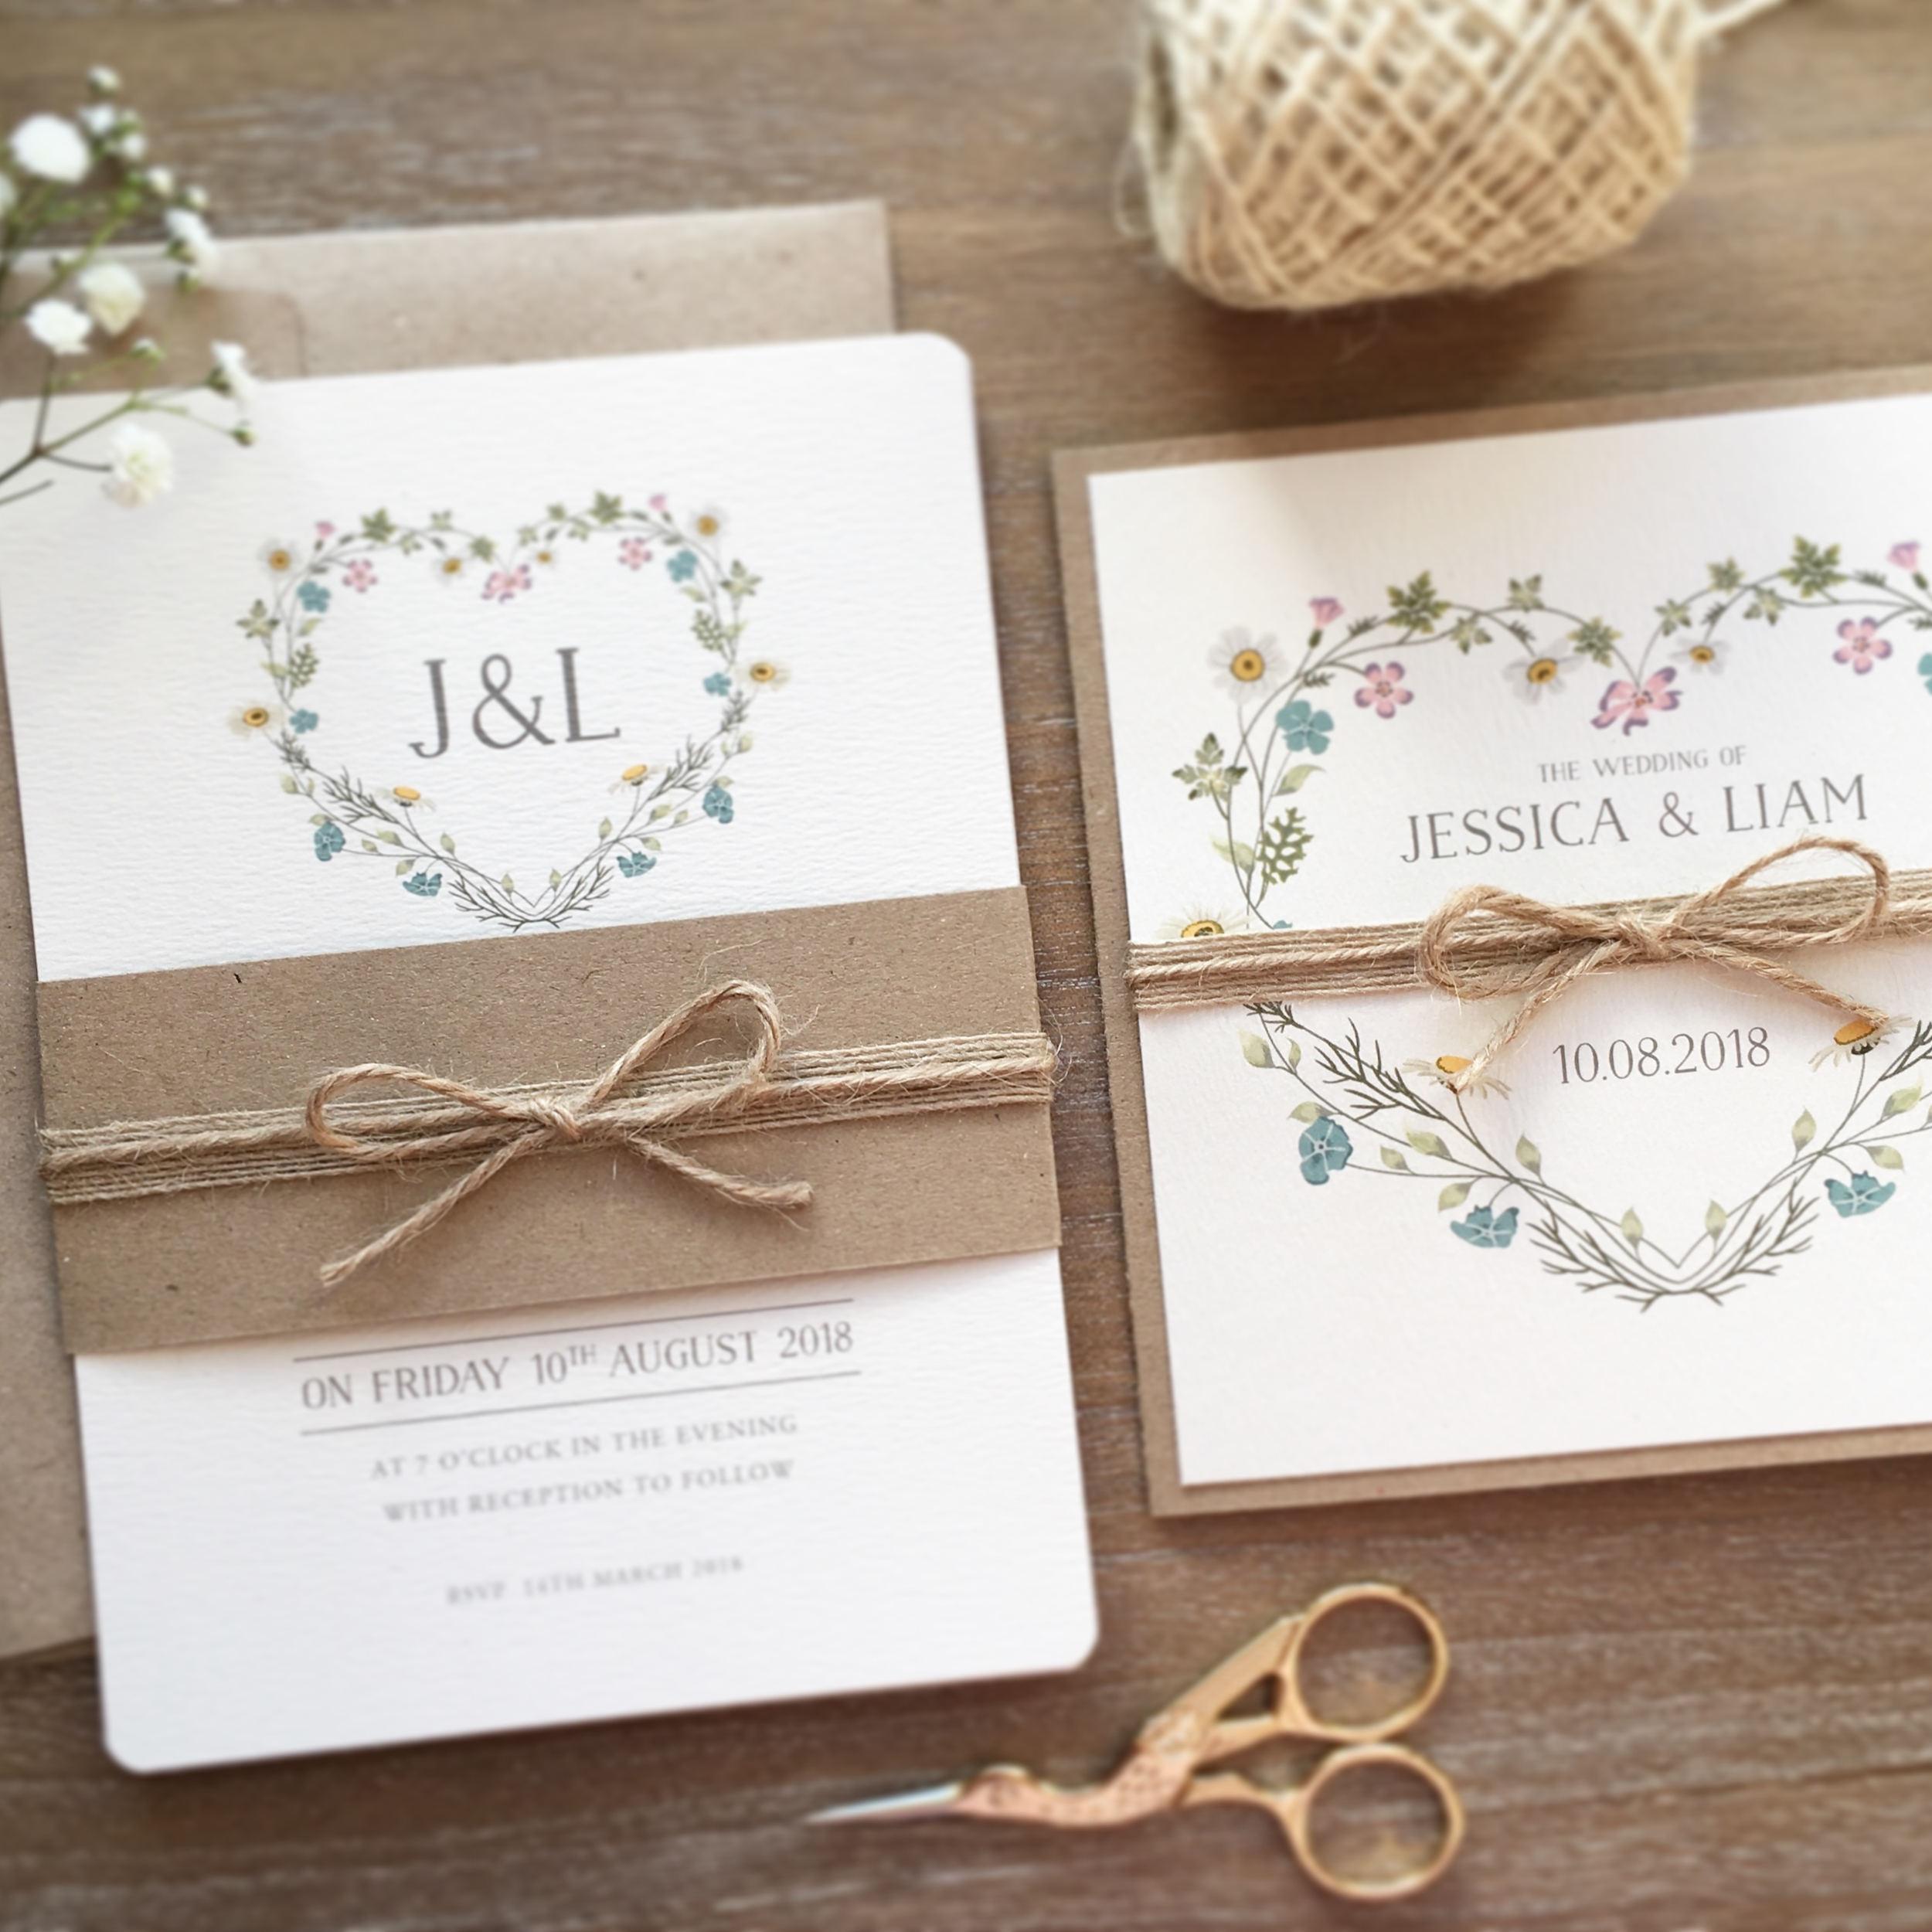 jessica_wedding_invitation.jpeg